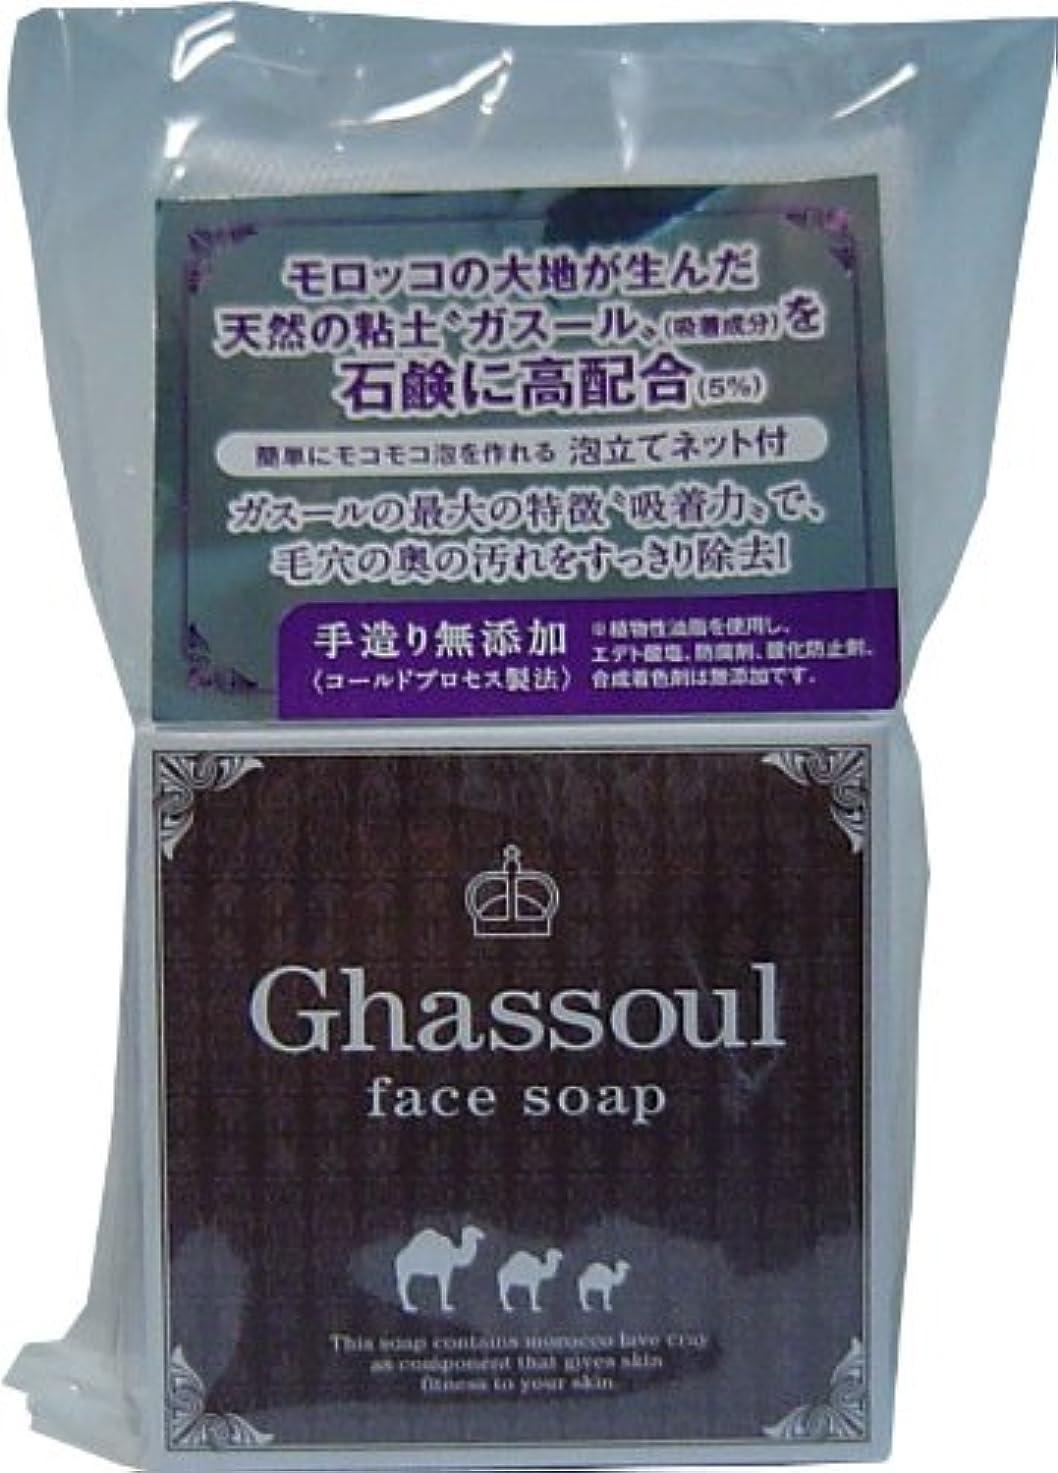 服を片付けるおいしいエンジン簡単にモコモコ泡を作れる泡立てネット付き!Ghassoul face soap ガスールフェイスソープ 100g